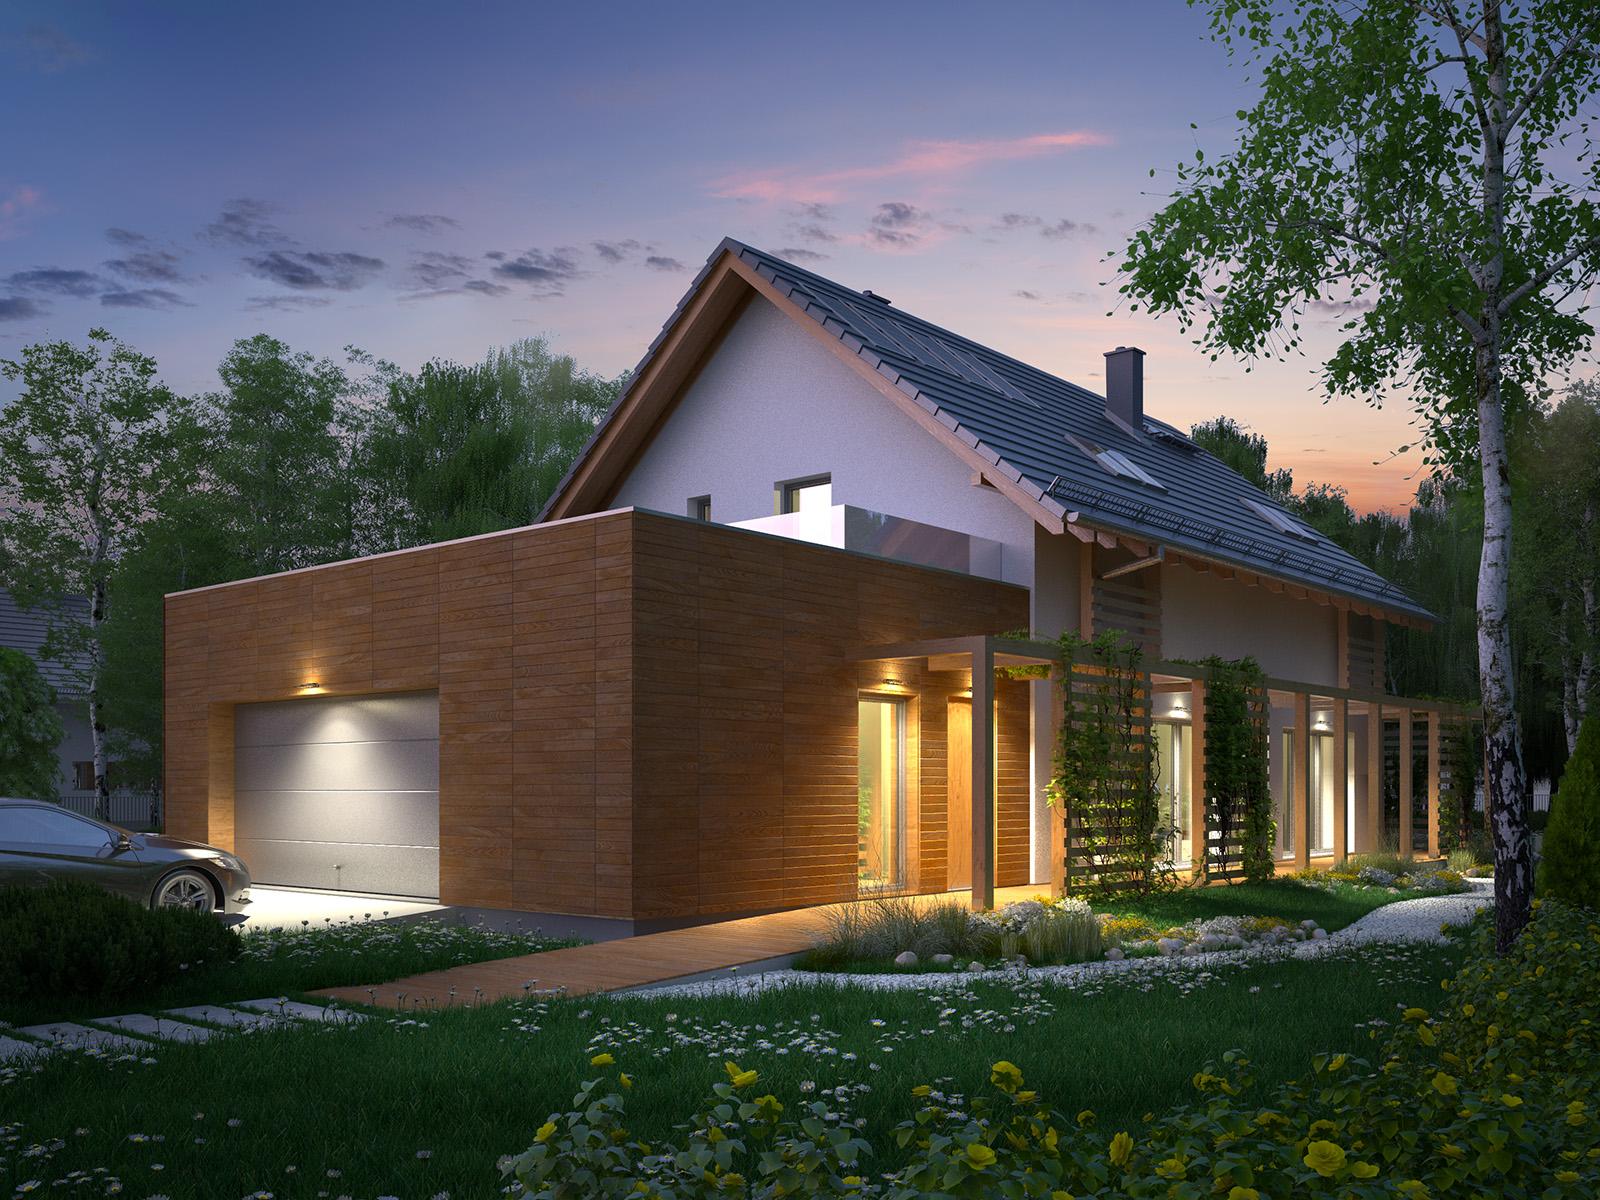 Projekt domu CZWÓRKA Domy Czystej Energii wizualizacja frontowa i boczna